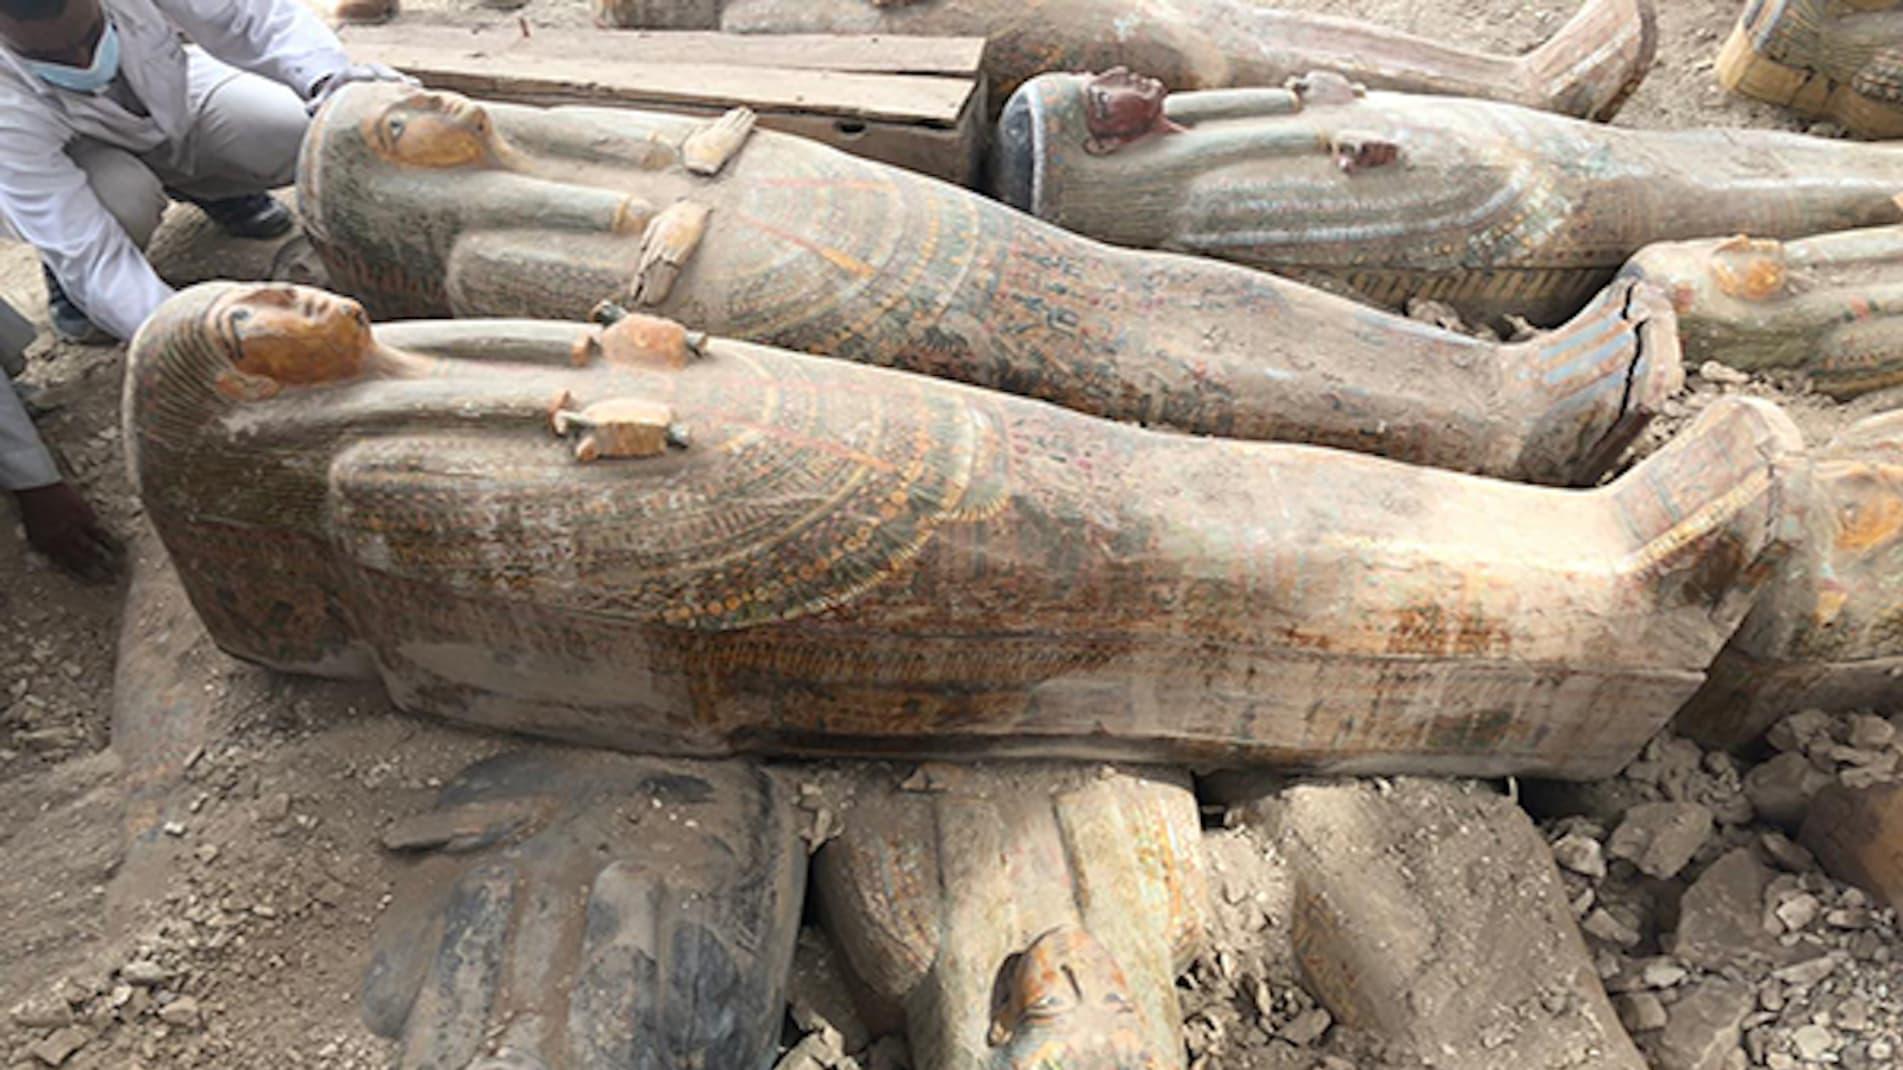 علماء آثار في مصر يكتشفون 20 تابوتاً بنقوش ملونة في مدينة الأقصر